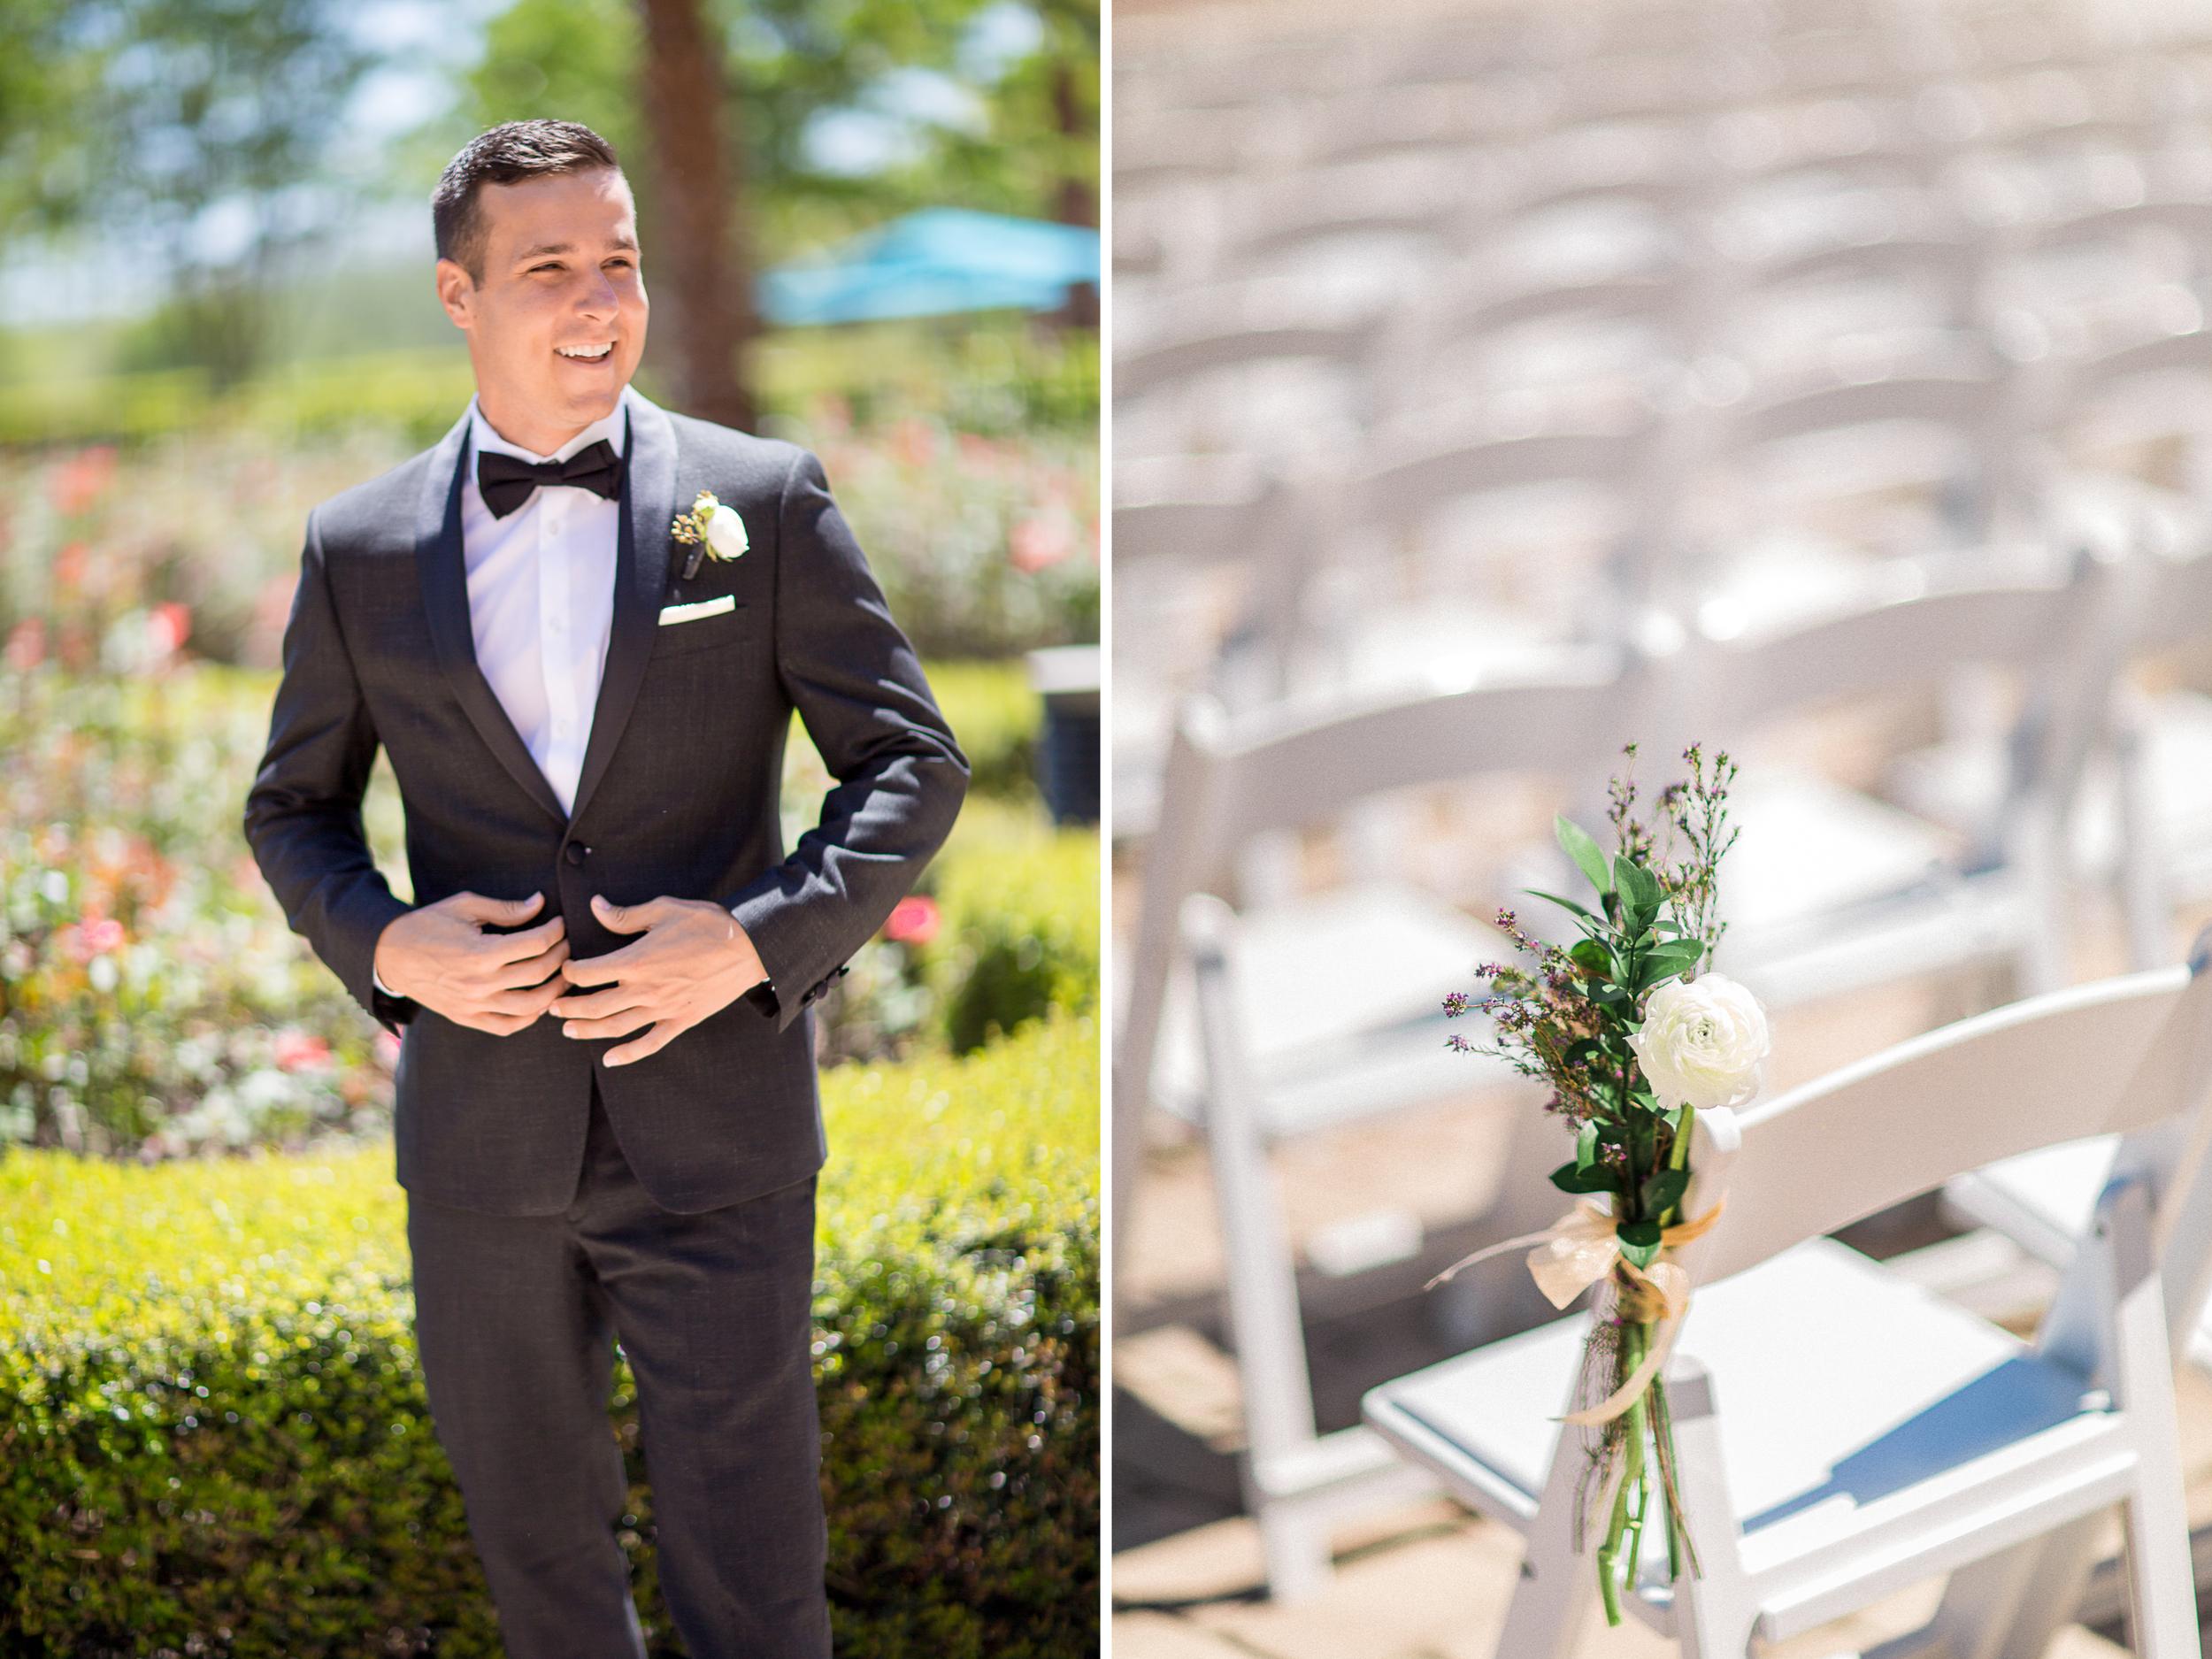 Black tie tuxedo macys groom with In Bloom Bouttonniere wax flowers white rose Shingle Creek Rosen Wedding.jpg